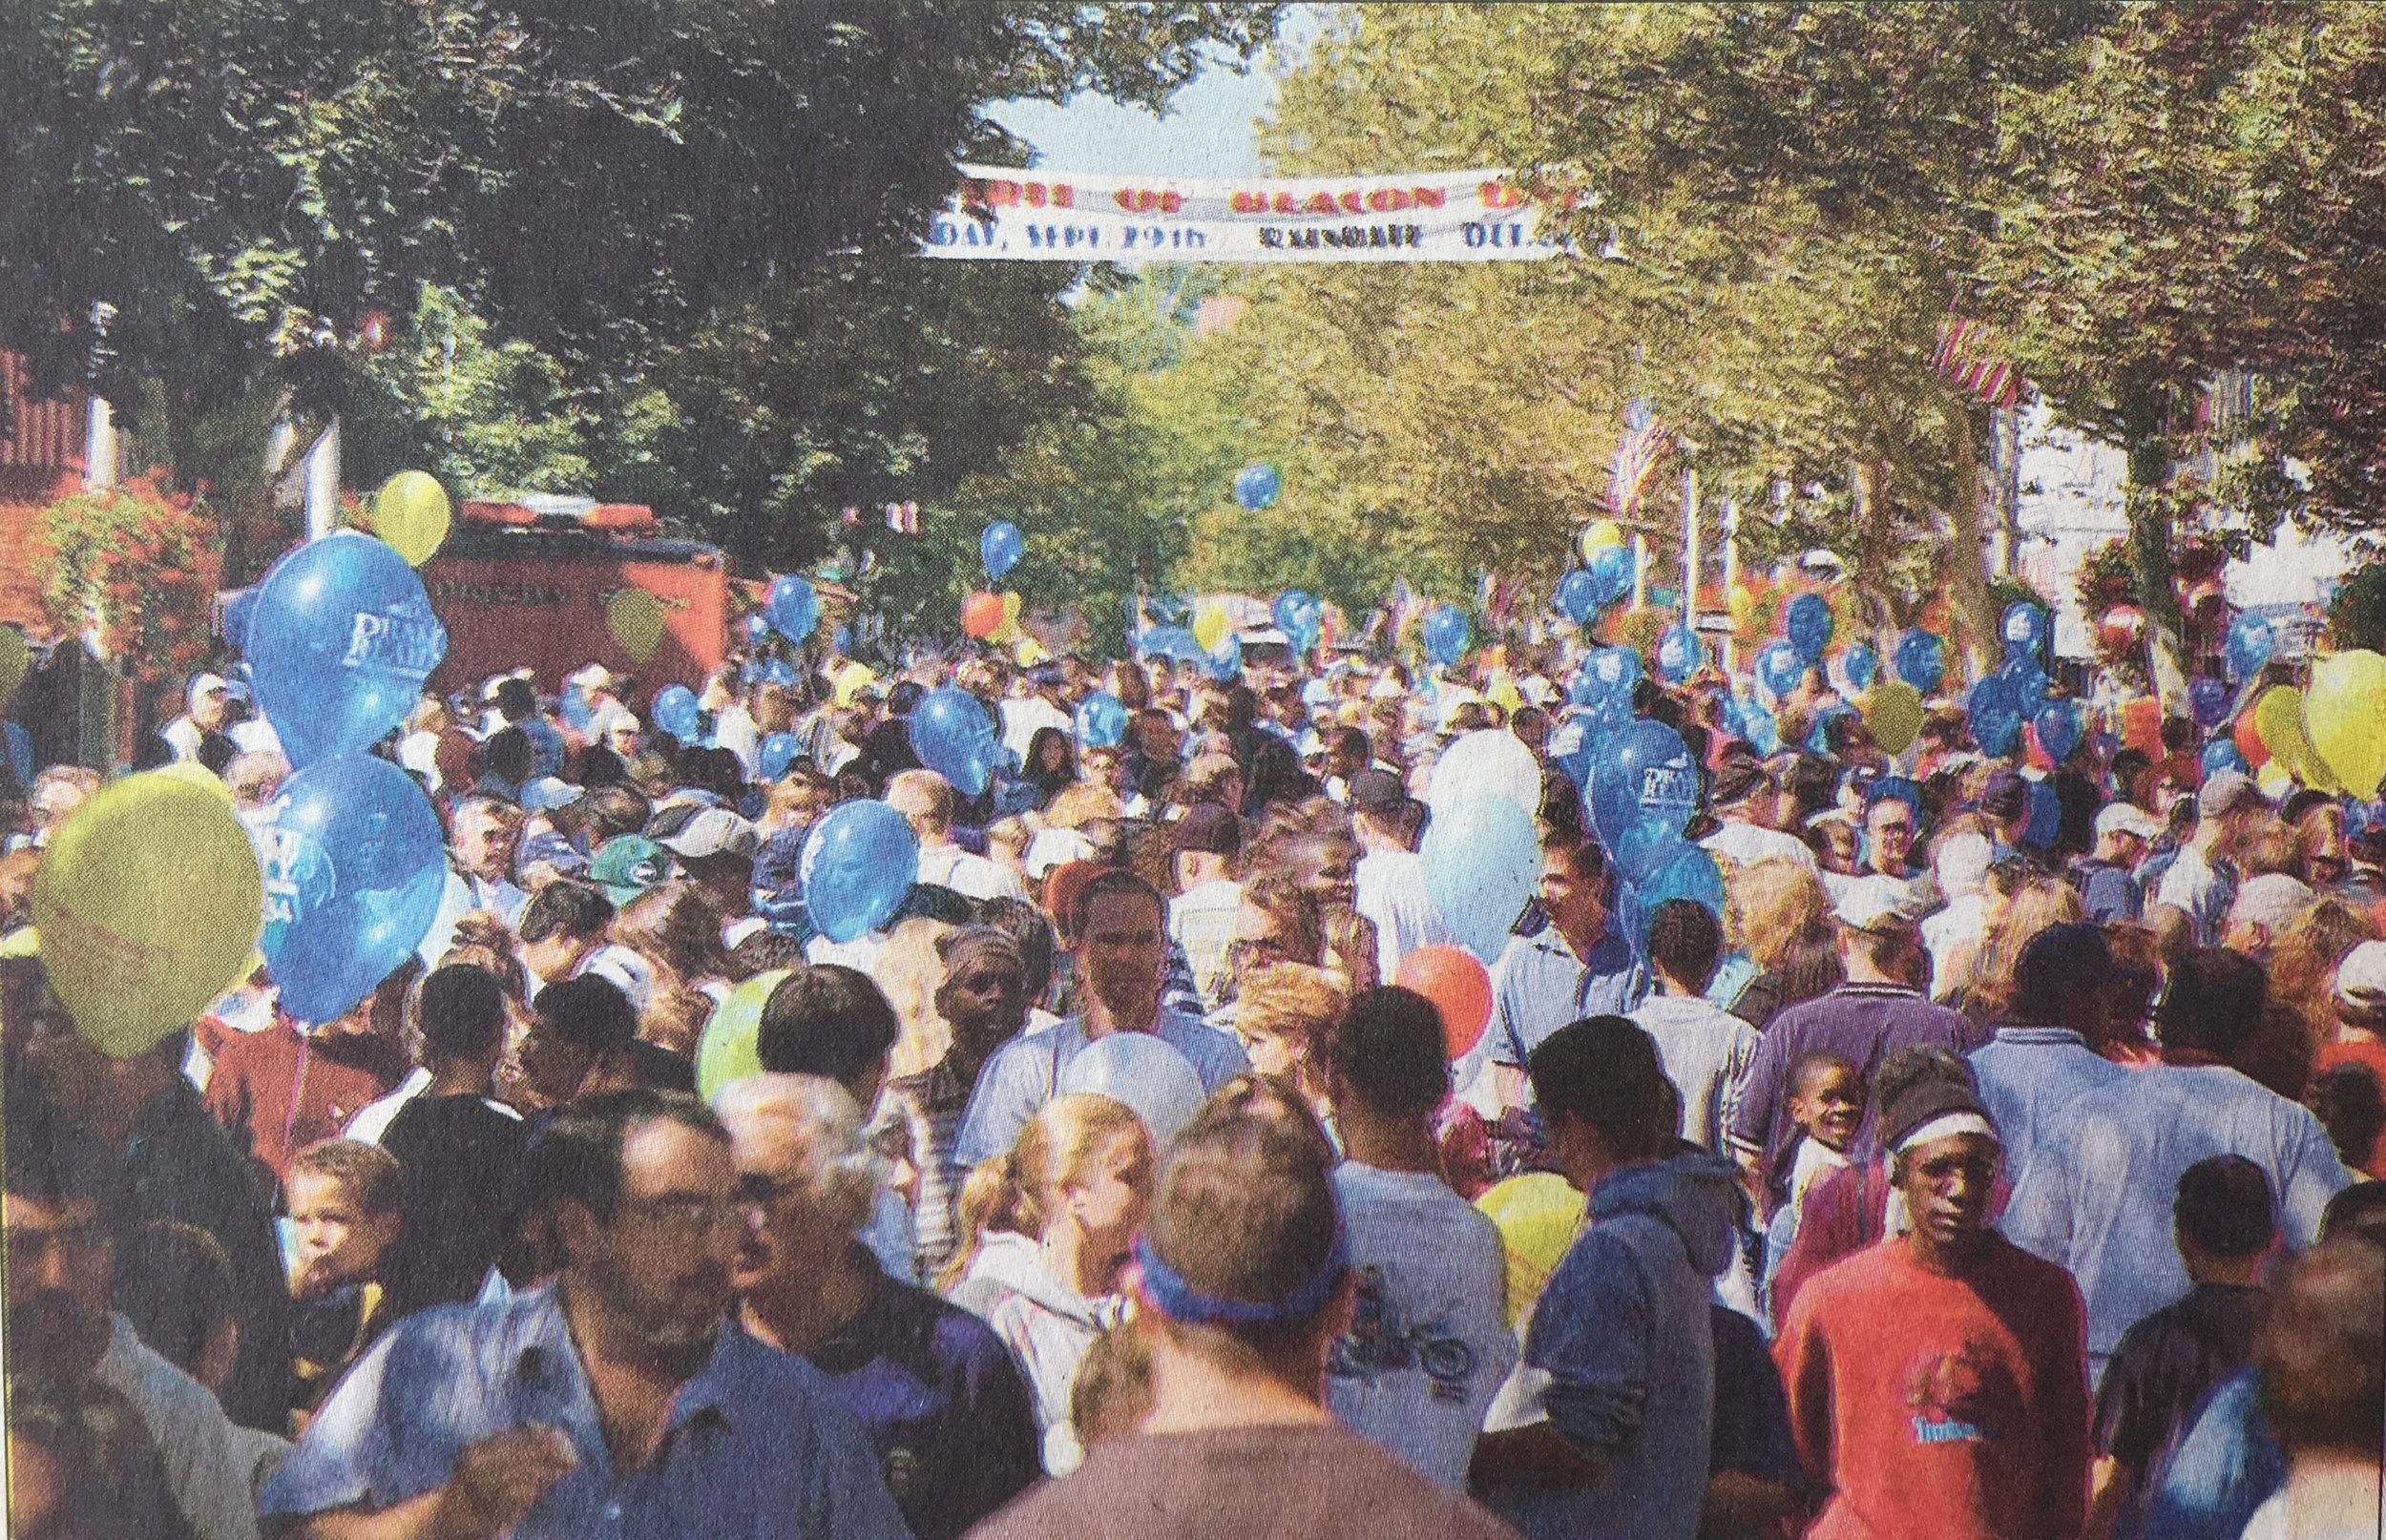 Spirit of Beacon Day 2002, courtesy Beacon Historical Society / Poughkeepsie Journal